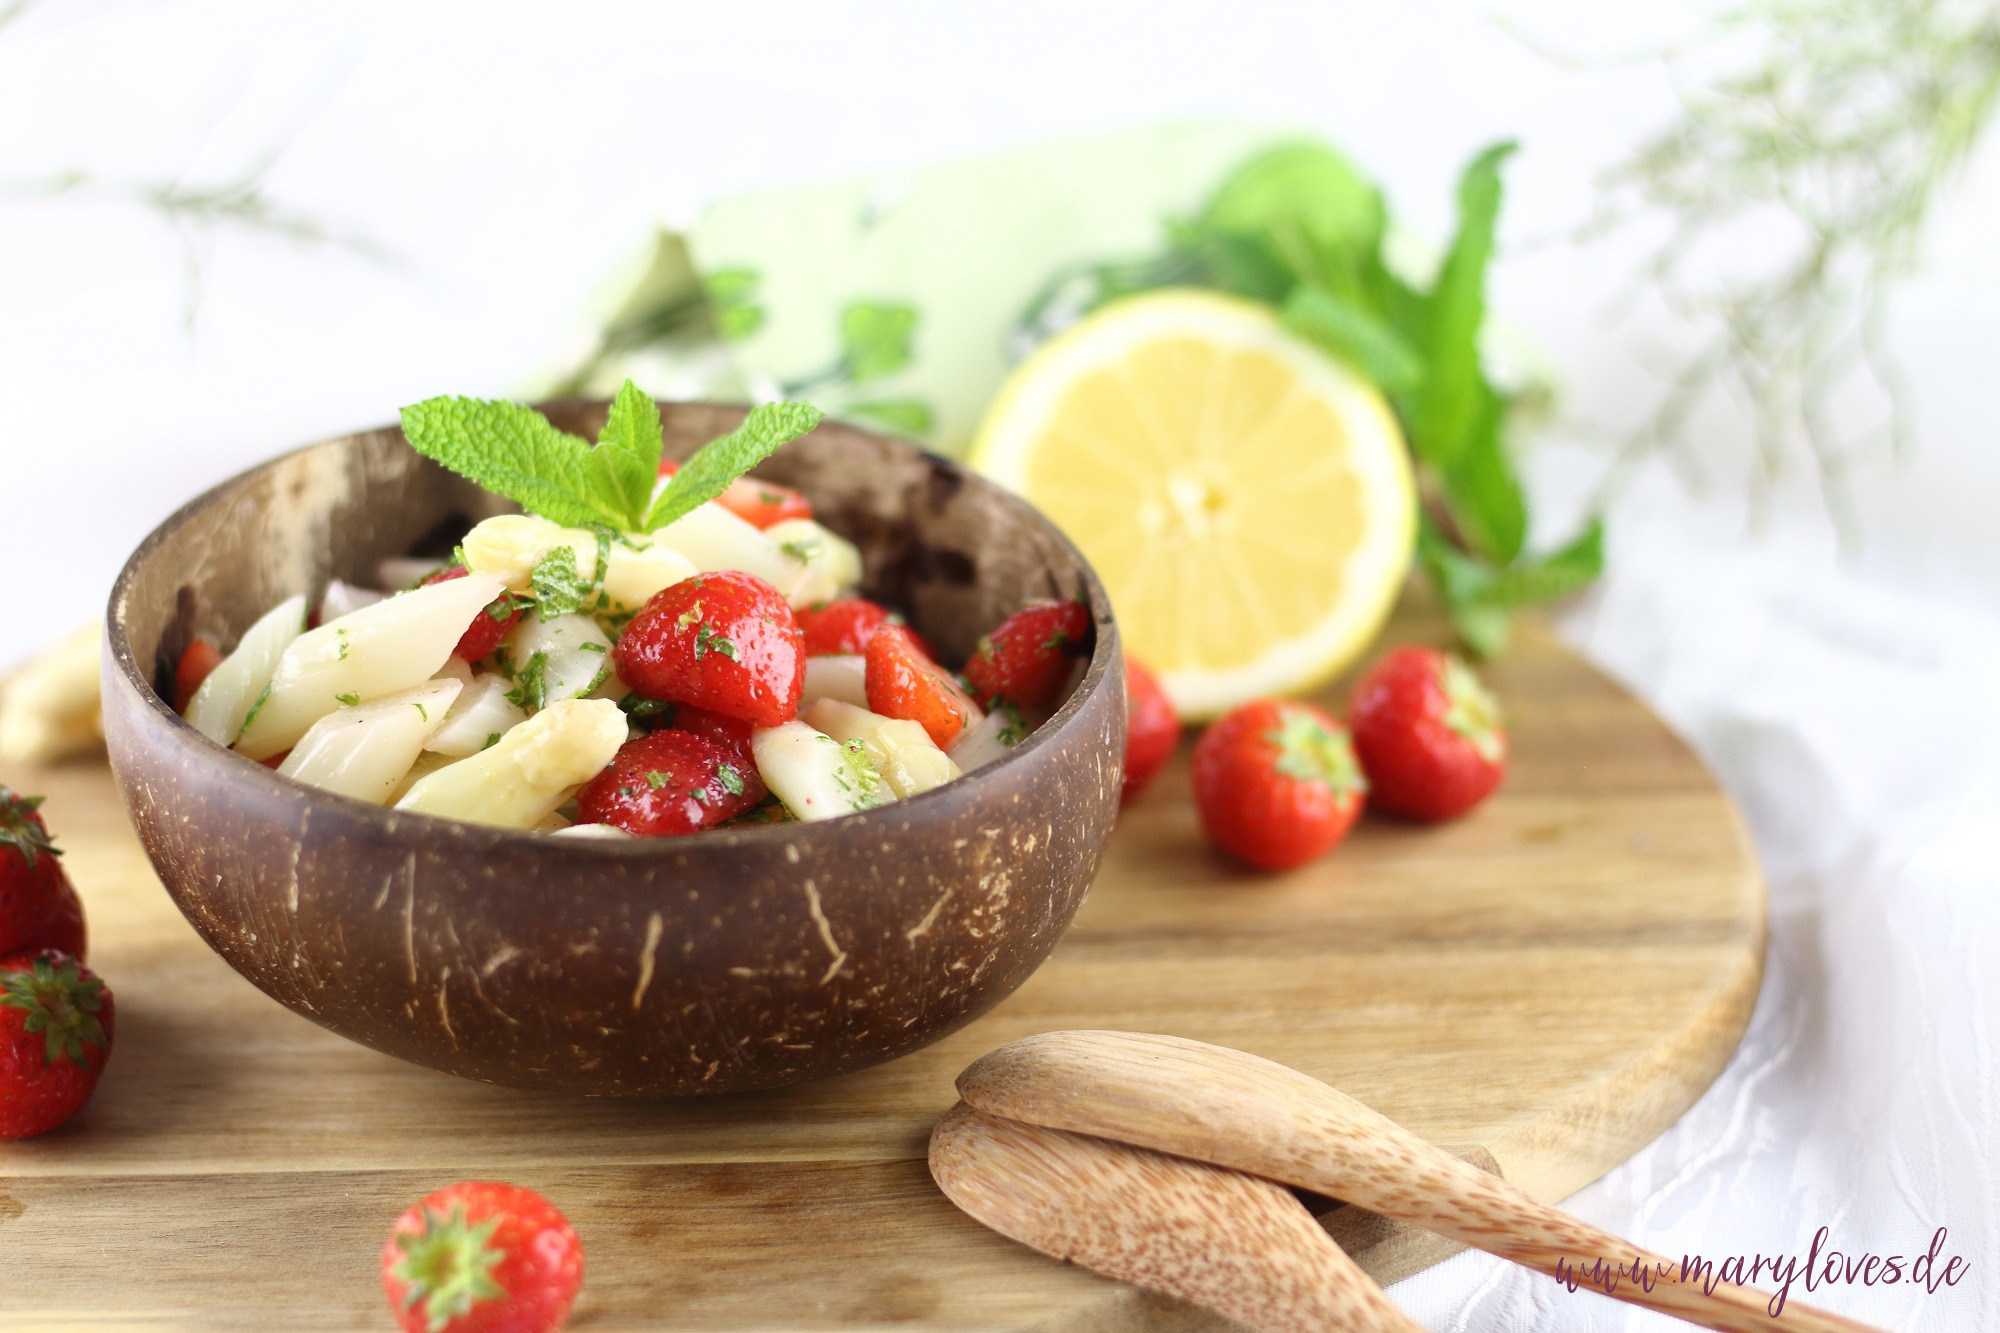 Saisonal lecker: Leichter Spargel-Erdbeersalat mit frischer Minze - Mary loves